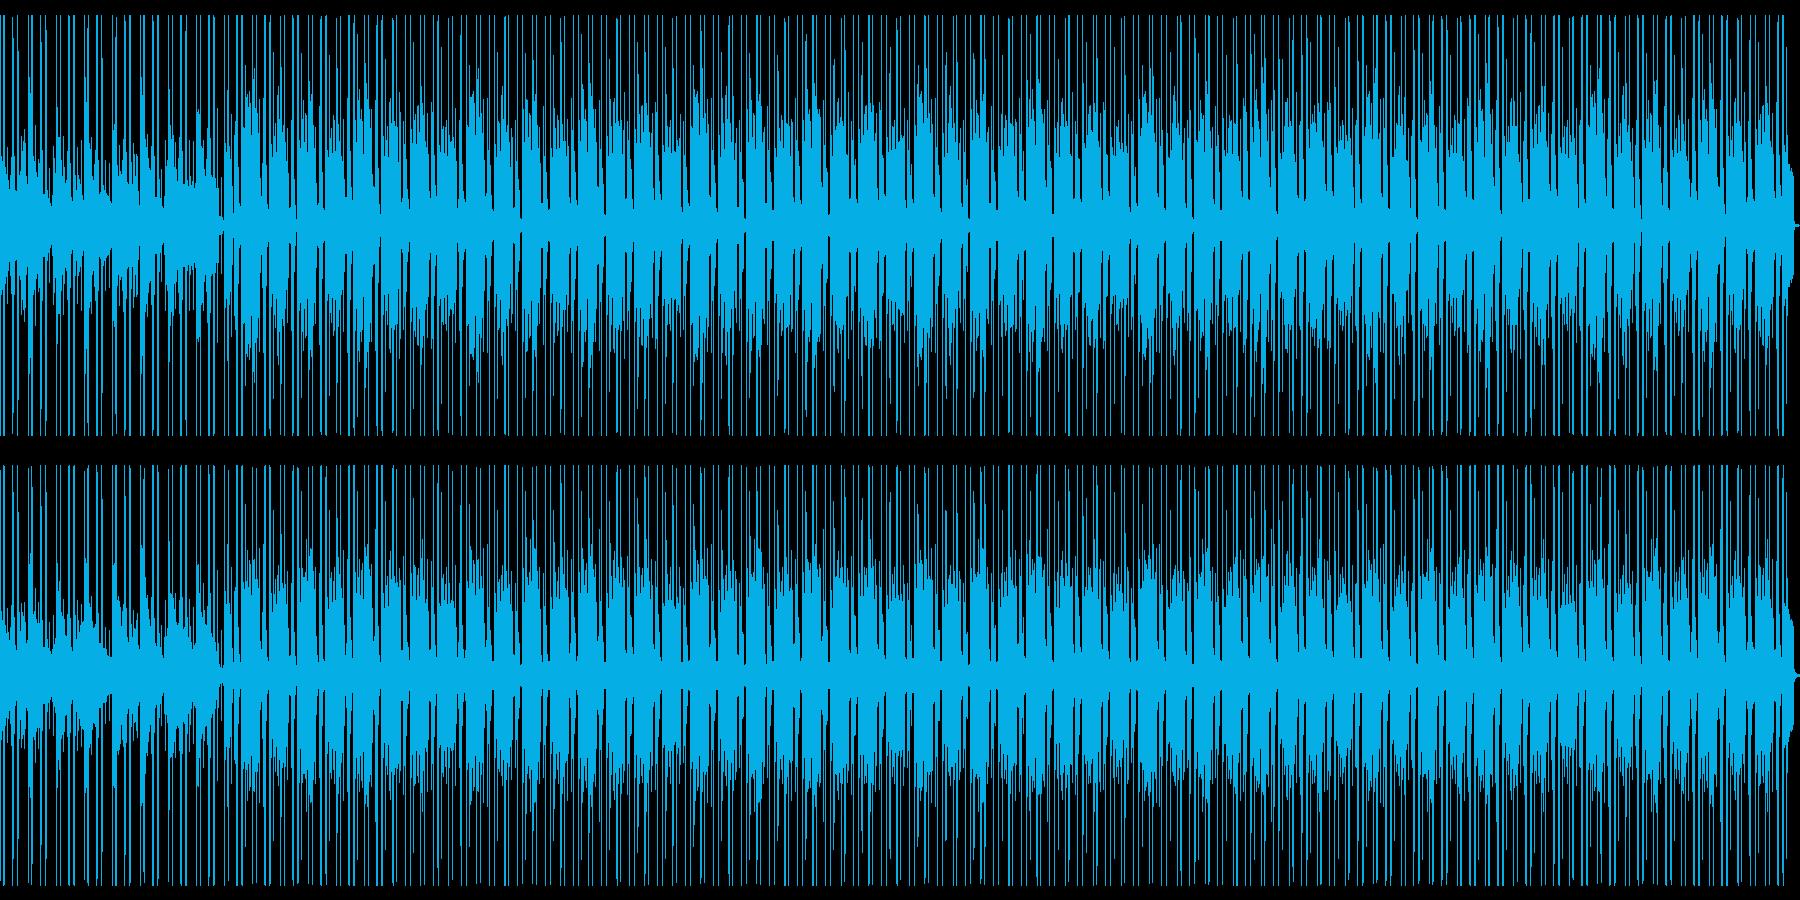 Lofiピアノの悲しいメロディーBGMの再生済みの波形